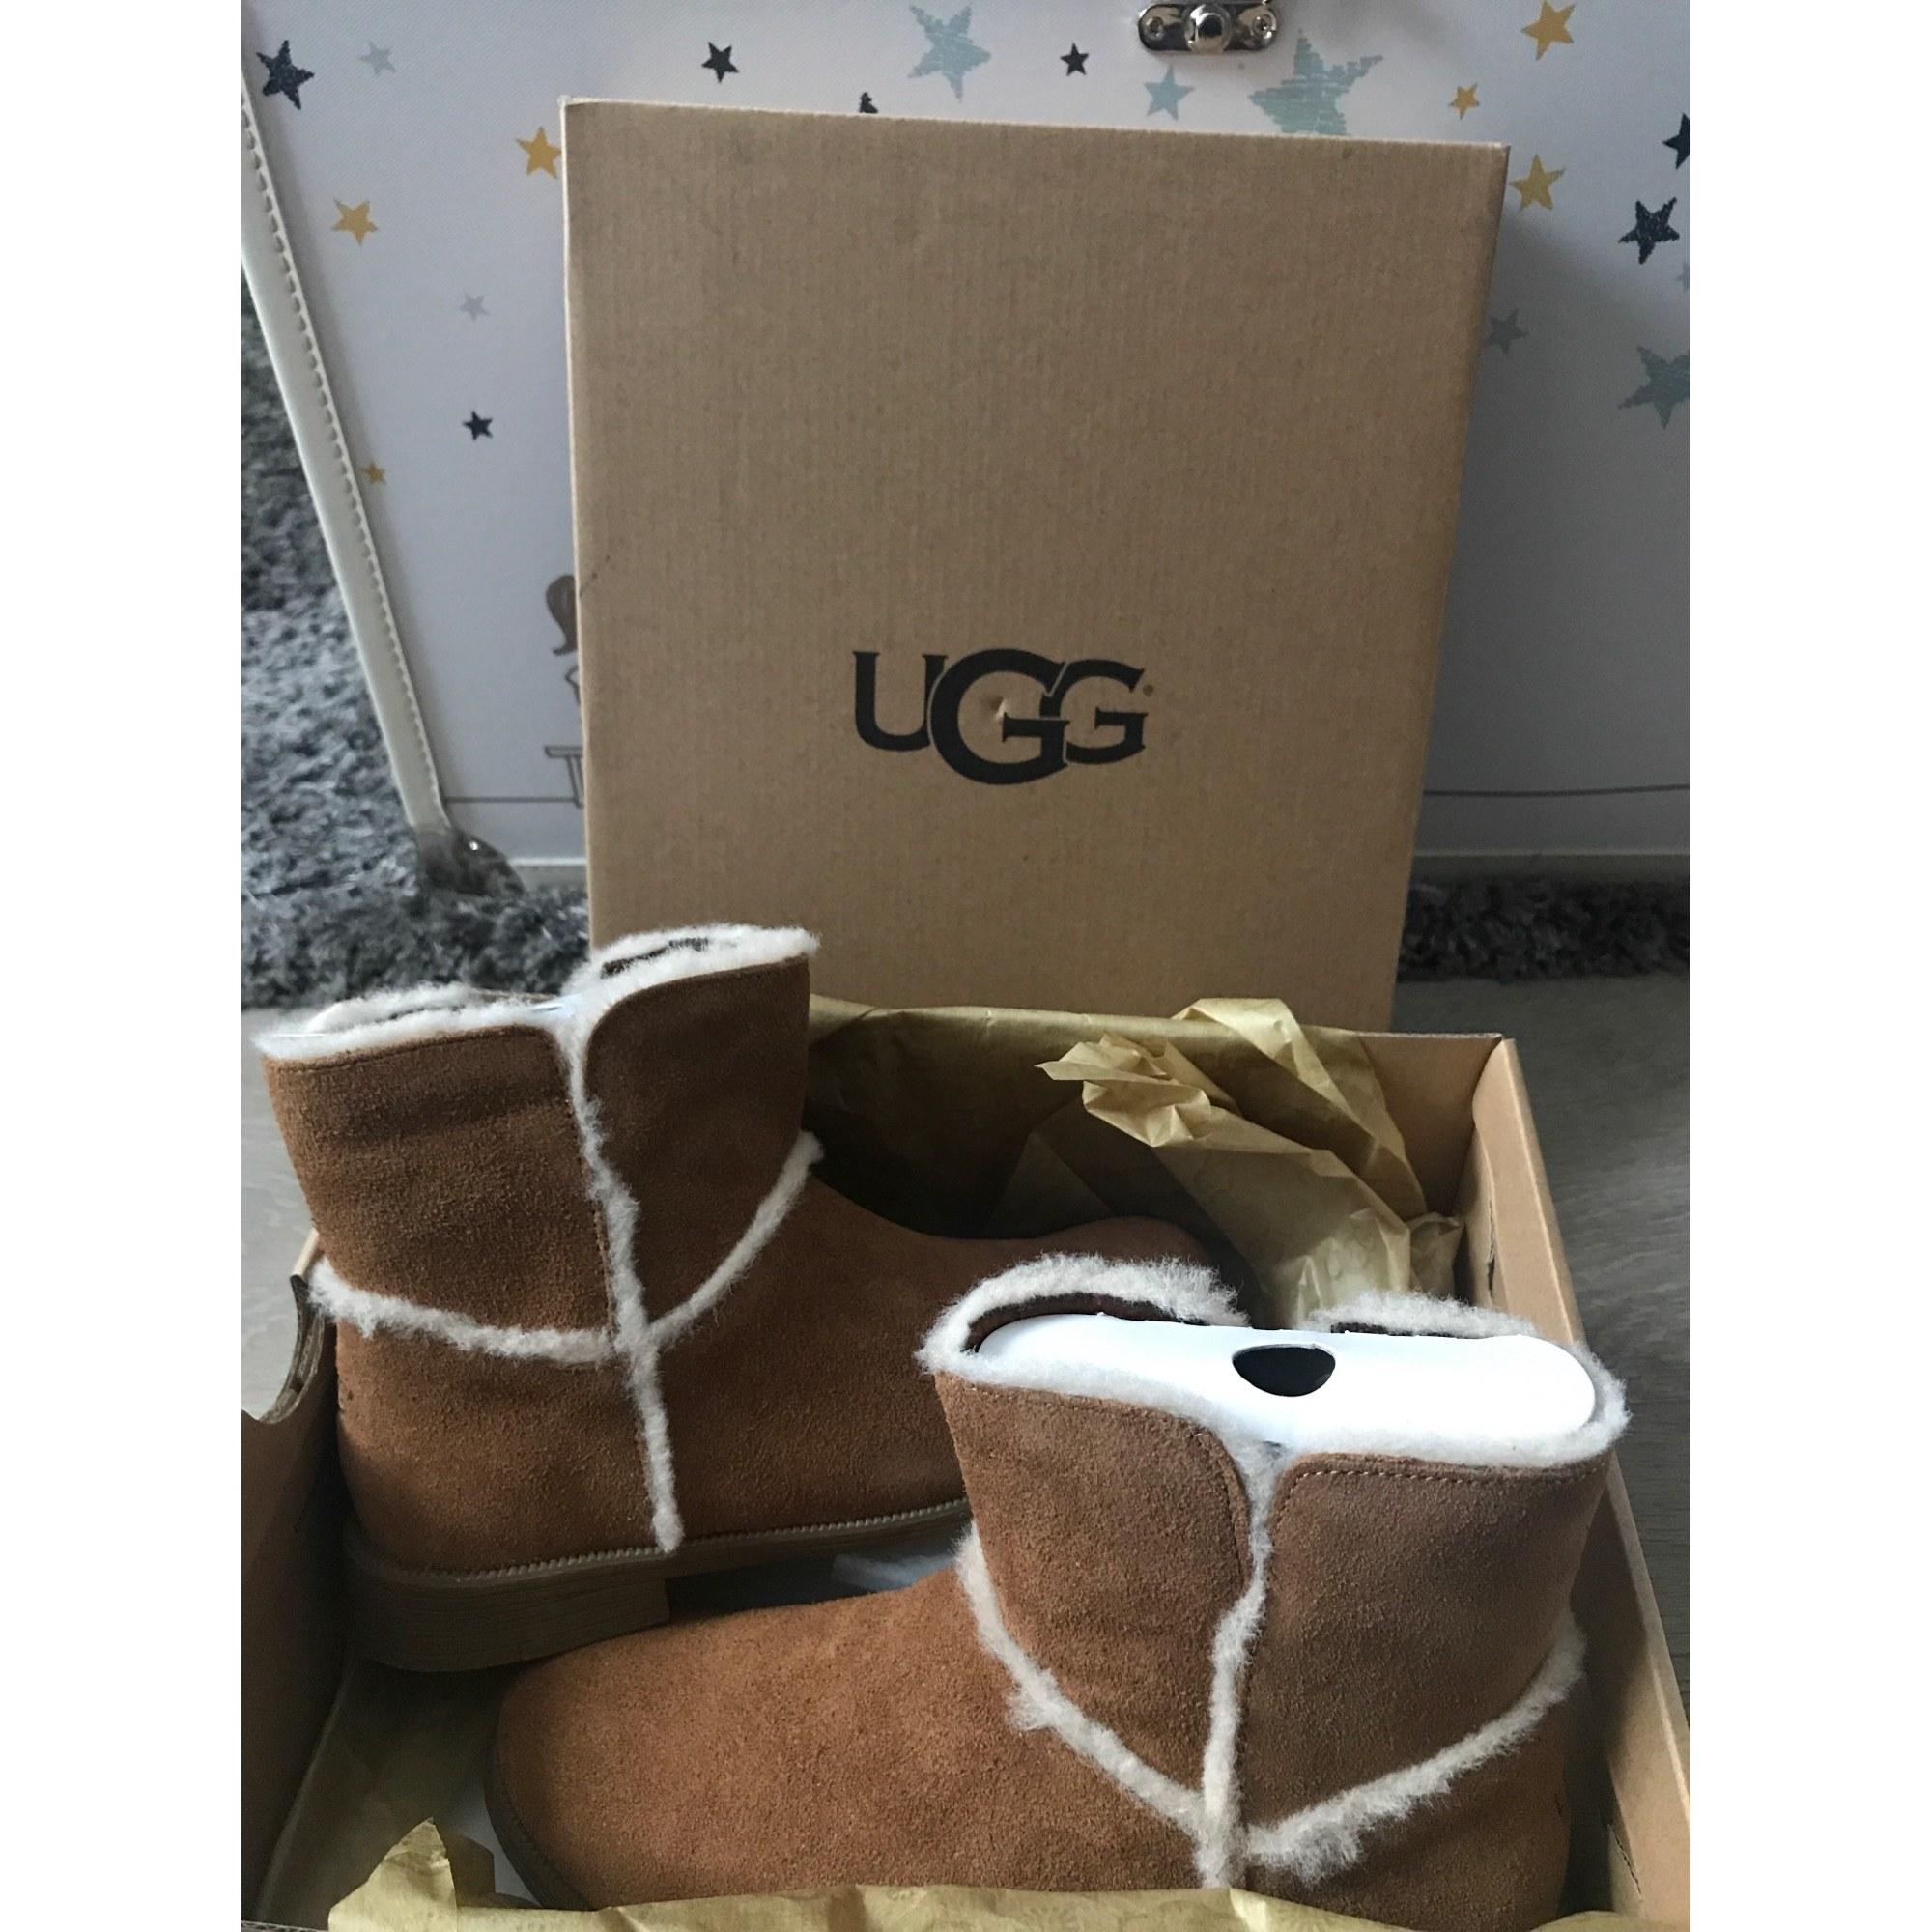 Bottines UGG Beige, camel